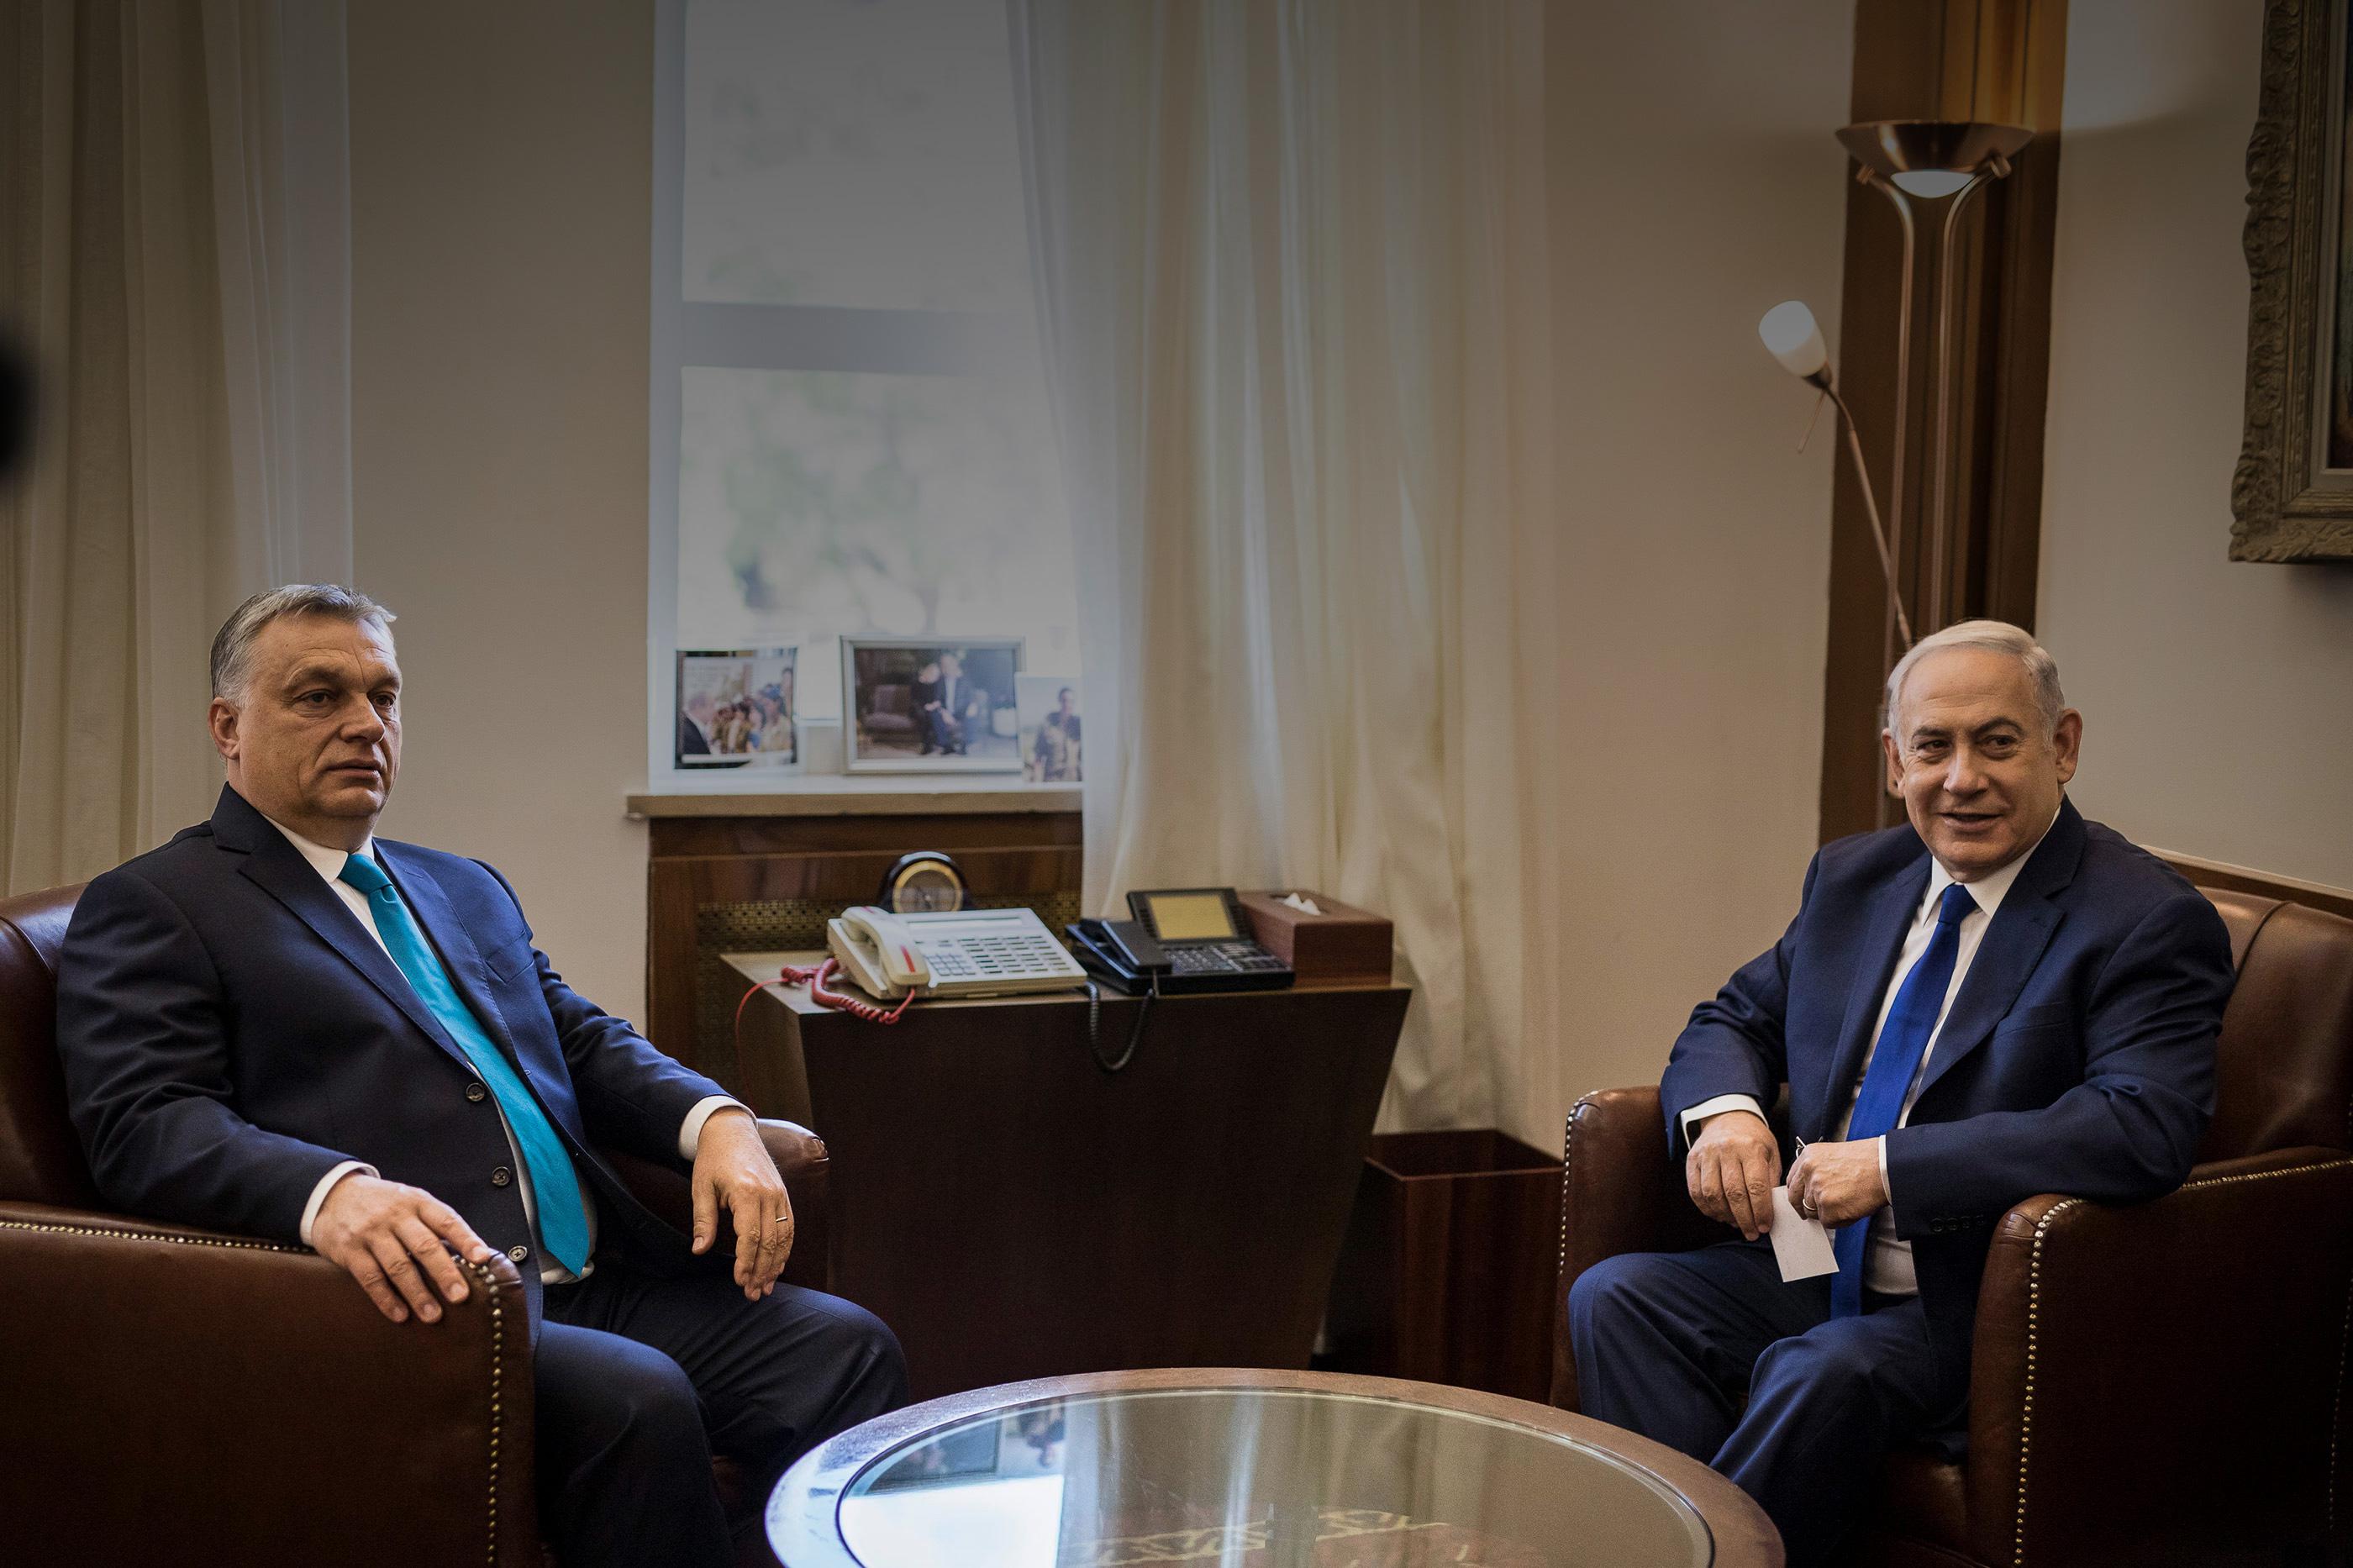 Az izraeli szövetség, ami átírta Orbán politikáját